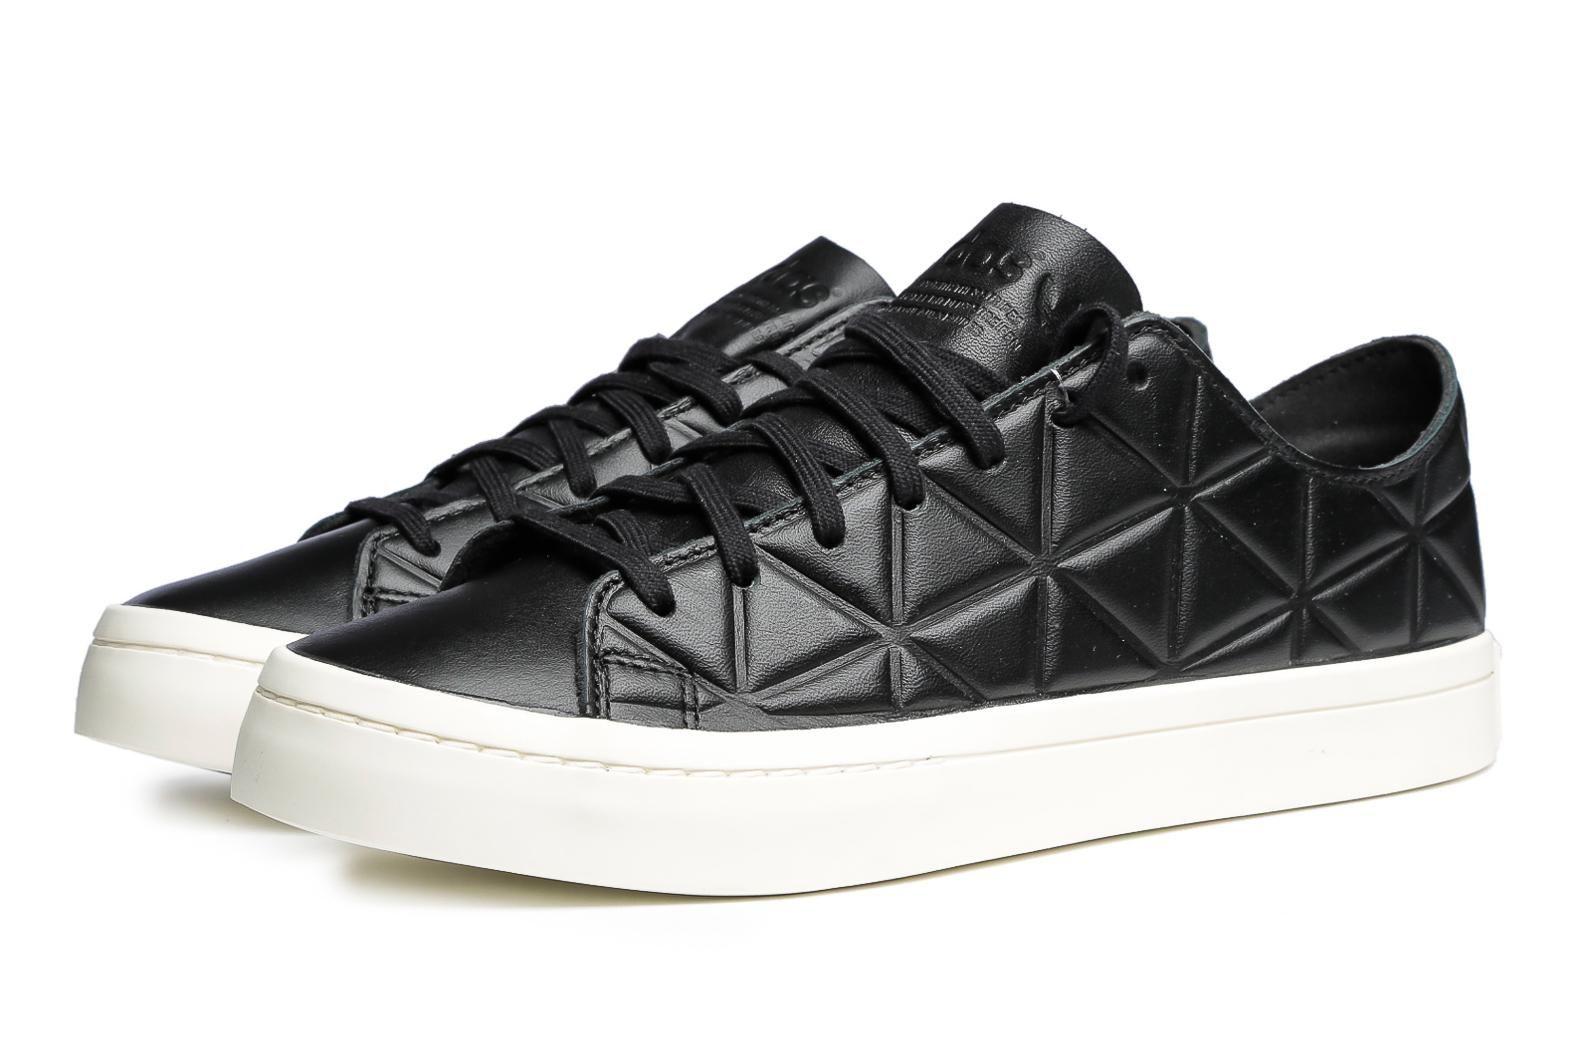 adidas + originali + corte + vantage + polygone + nero + adidas courtvantage